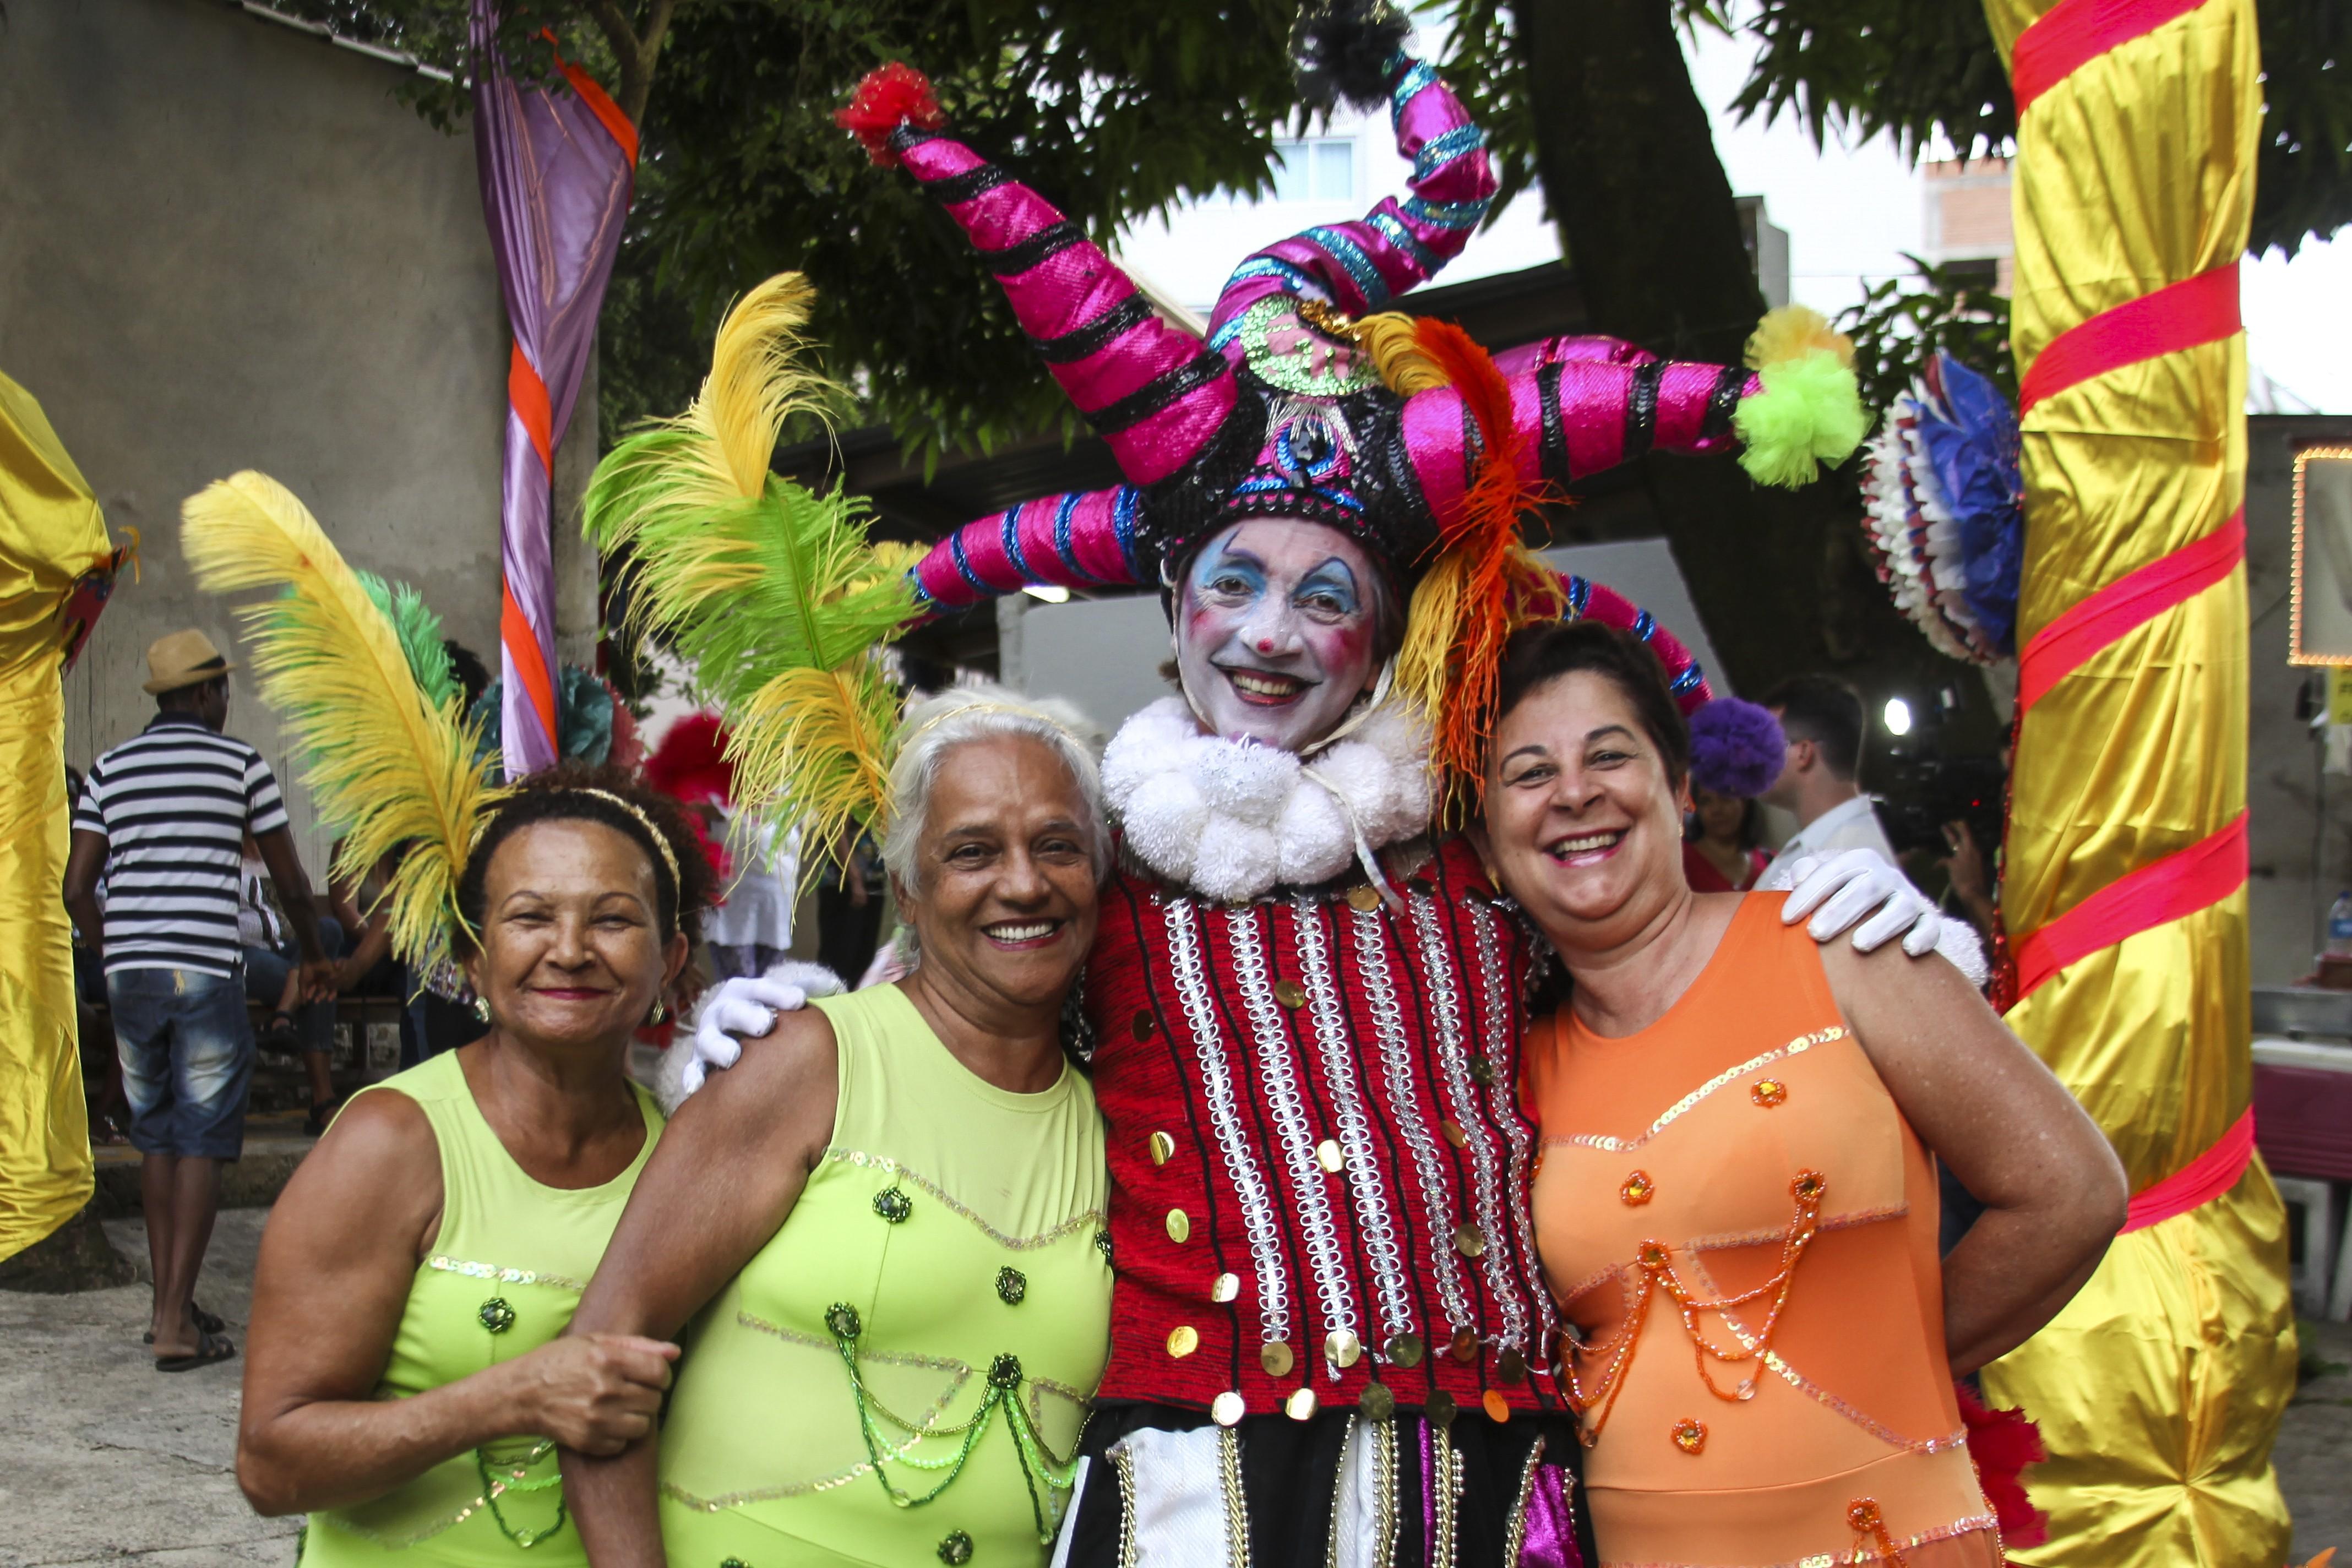 Semana do Idoso será comemorada em Itaúna com várias atividades gratuitas